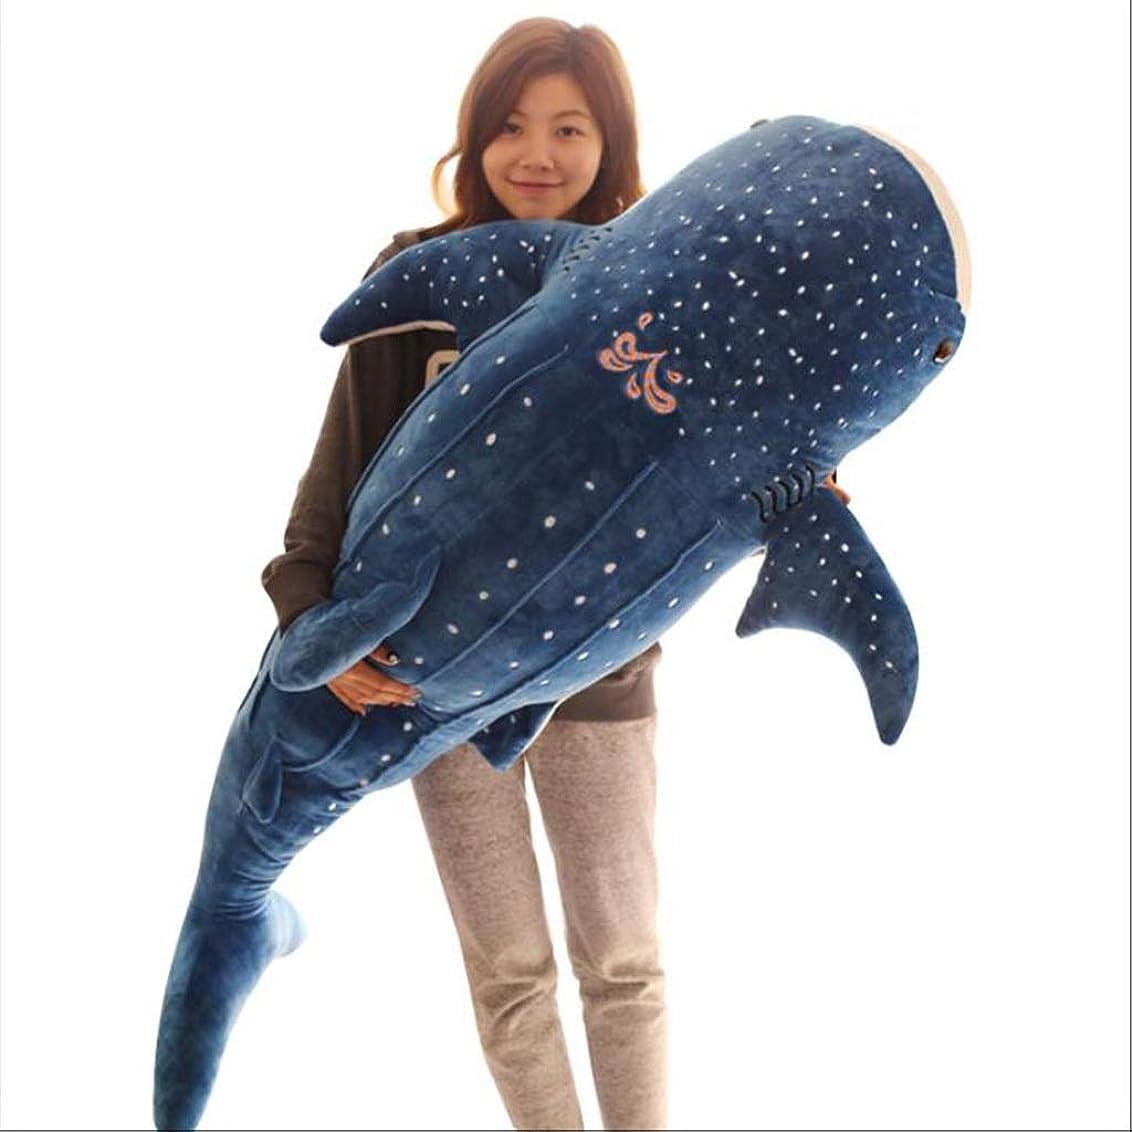 ワイプ買い物に行くウール枕玩具漫画ジンベイザメぬいぐるみ子供枕人形クッションとても安全でヘルシーな素材 枕?抱き枕 (Color : Blue, Size : Height 100cm)